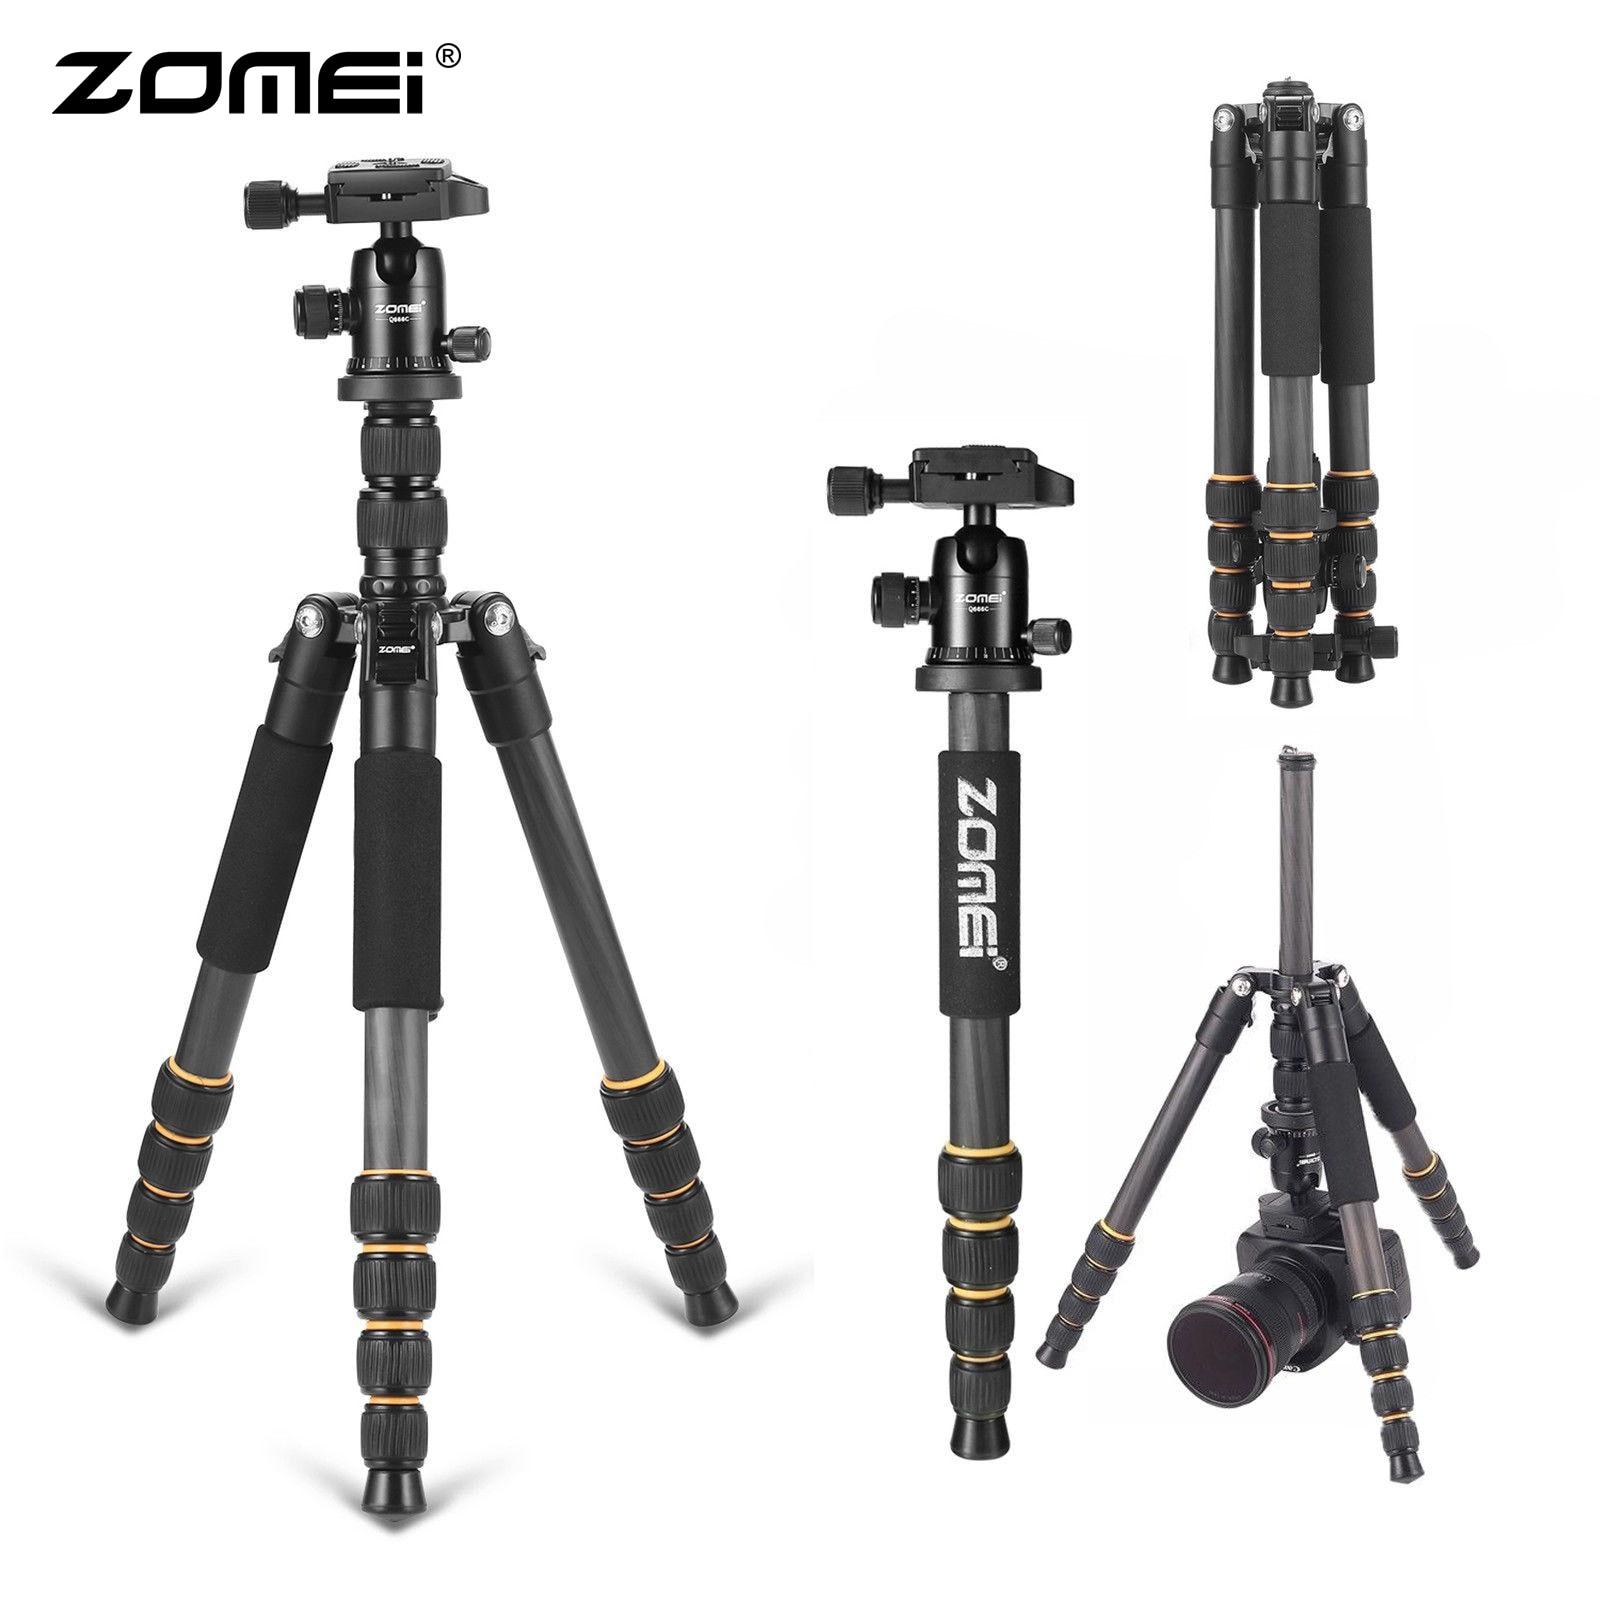 ZOMEI Tripode Q666C trépied photographique Flexible en Fiber de carbone trépied professionnel pour téléphone DSLR appareil photo support monopode Smartphone